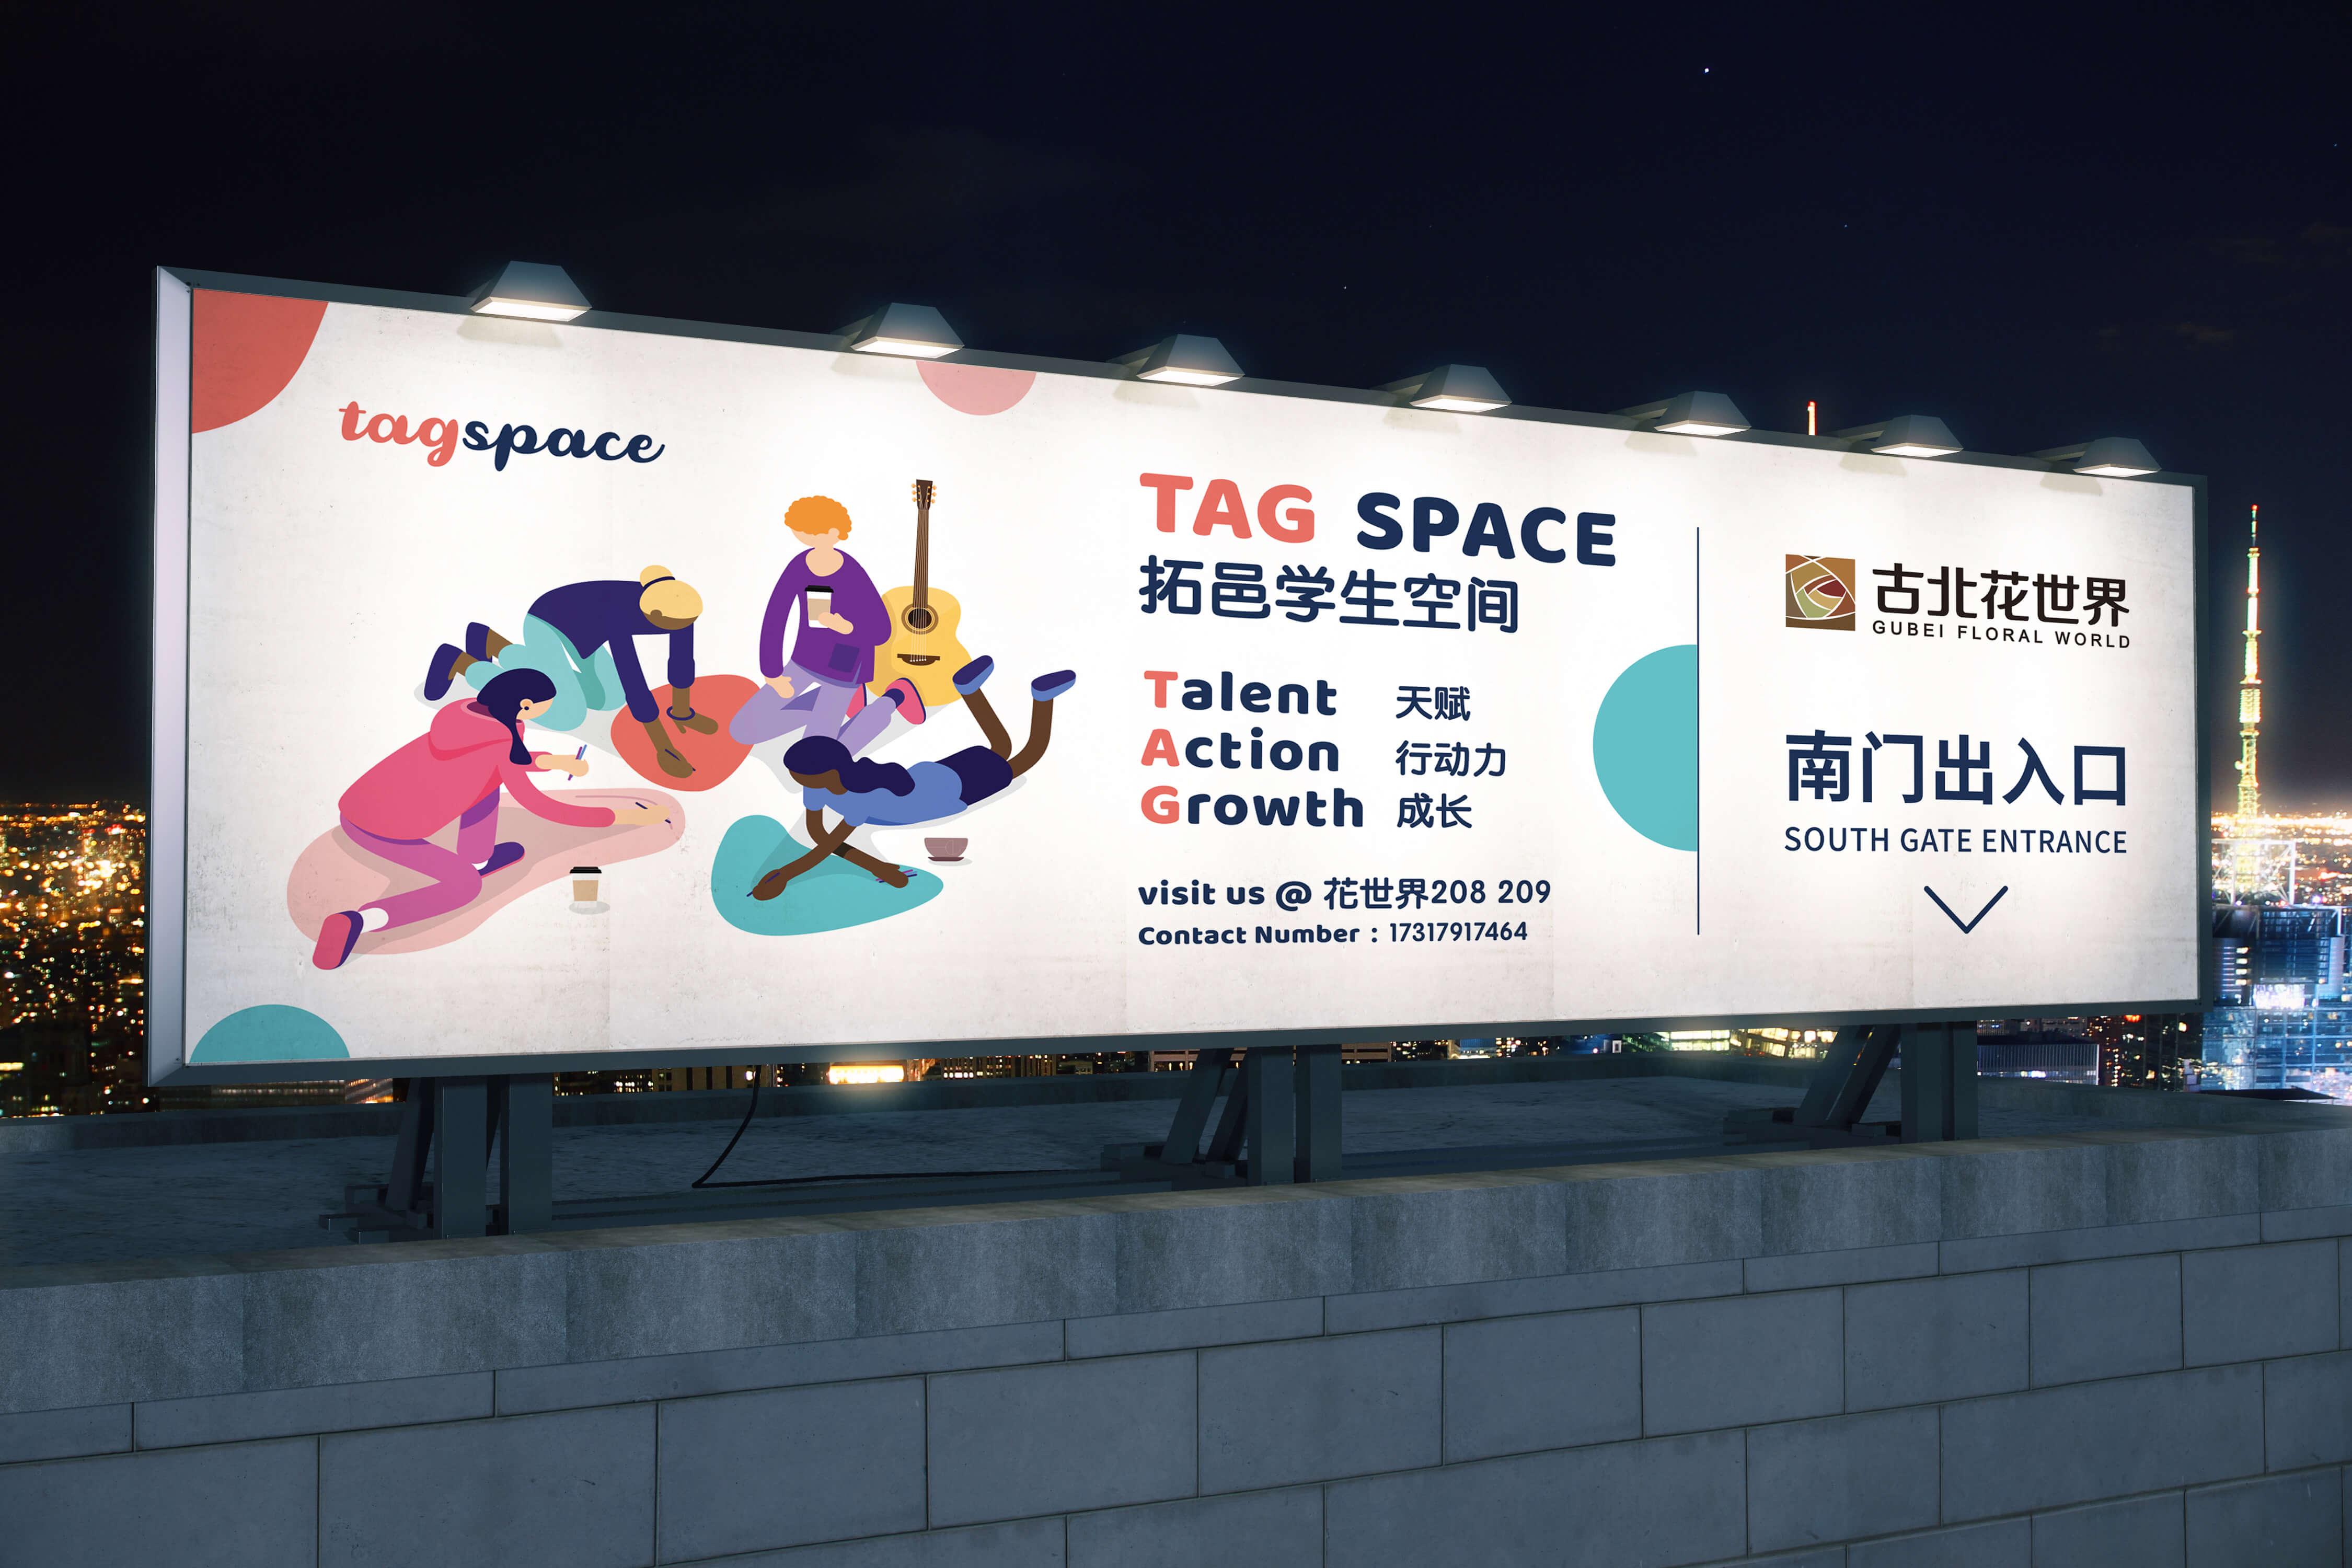 tagspace